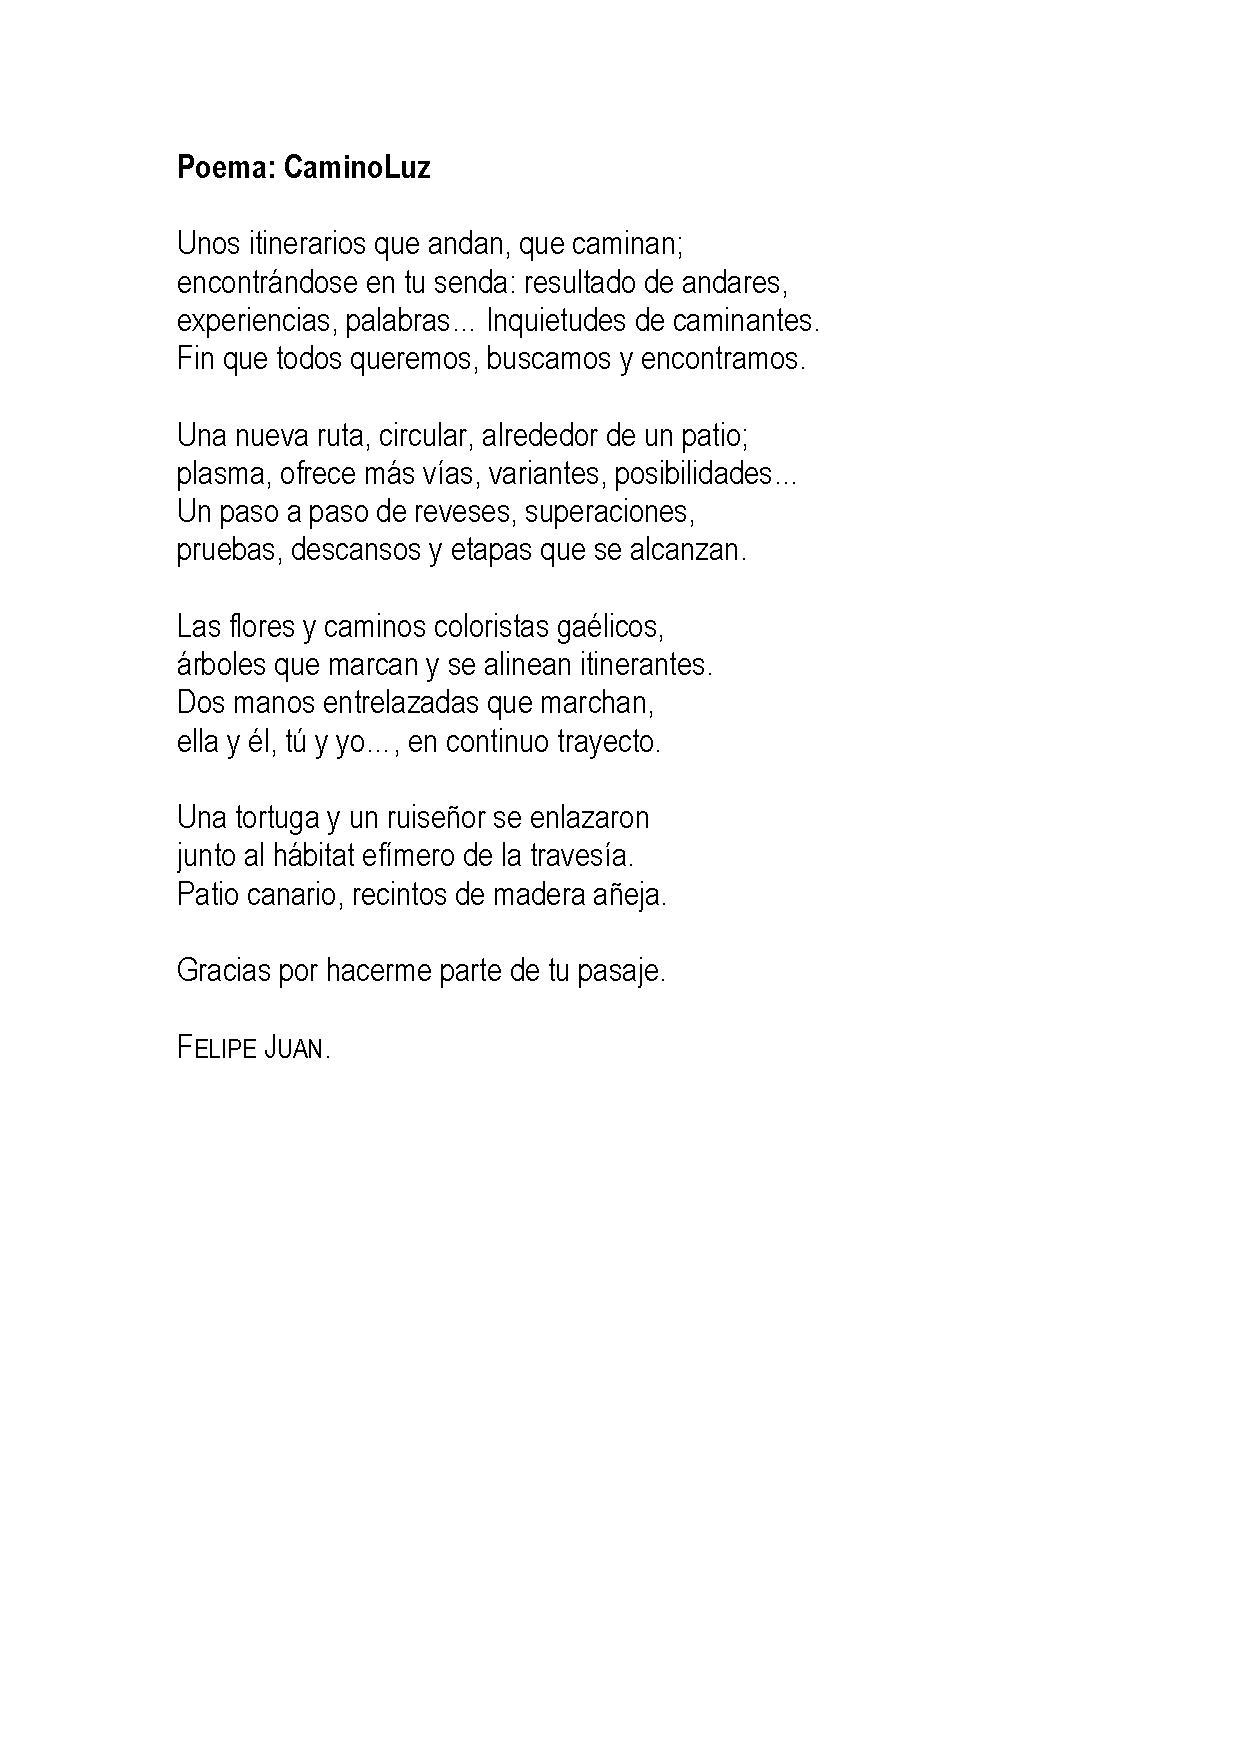 2_Exposición_CaminoLUZ.1__Poema_Felipe_Juan_.jpg